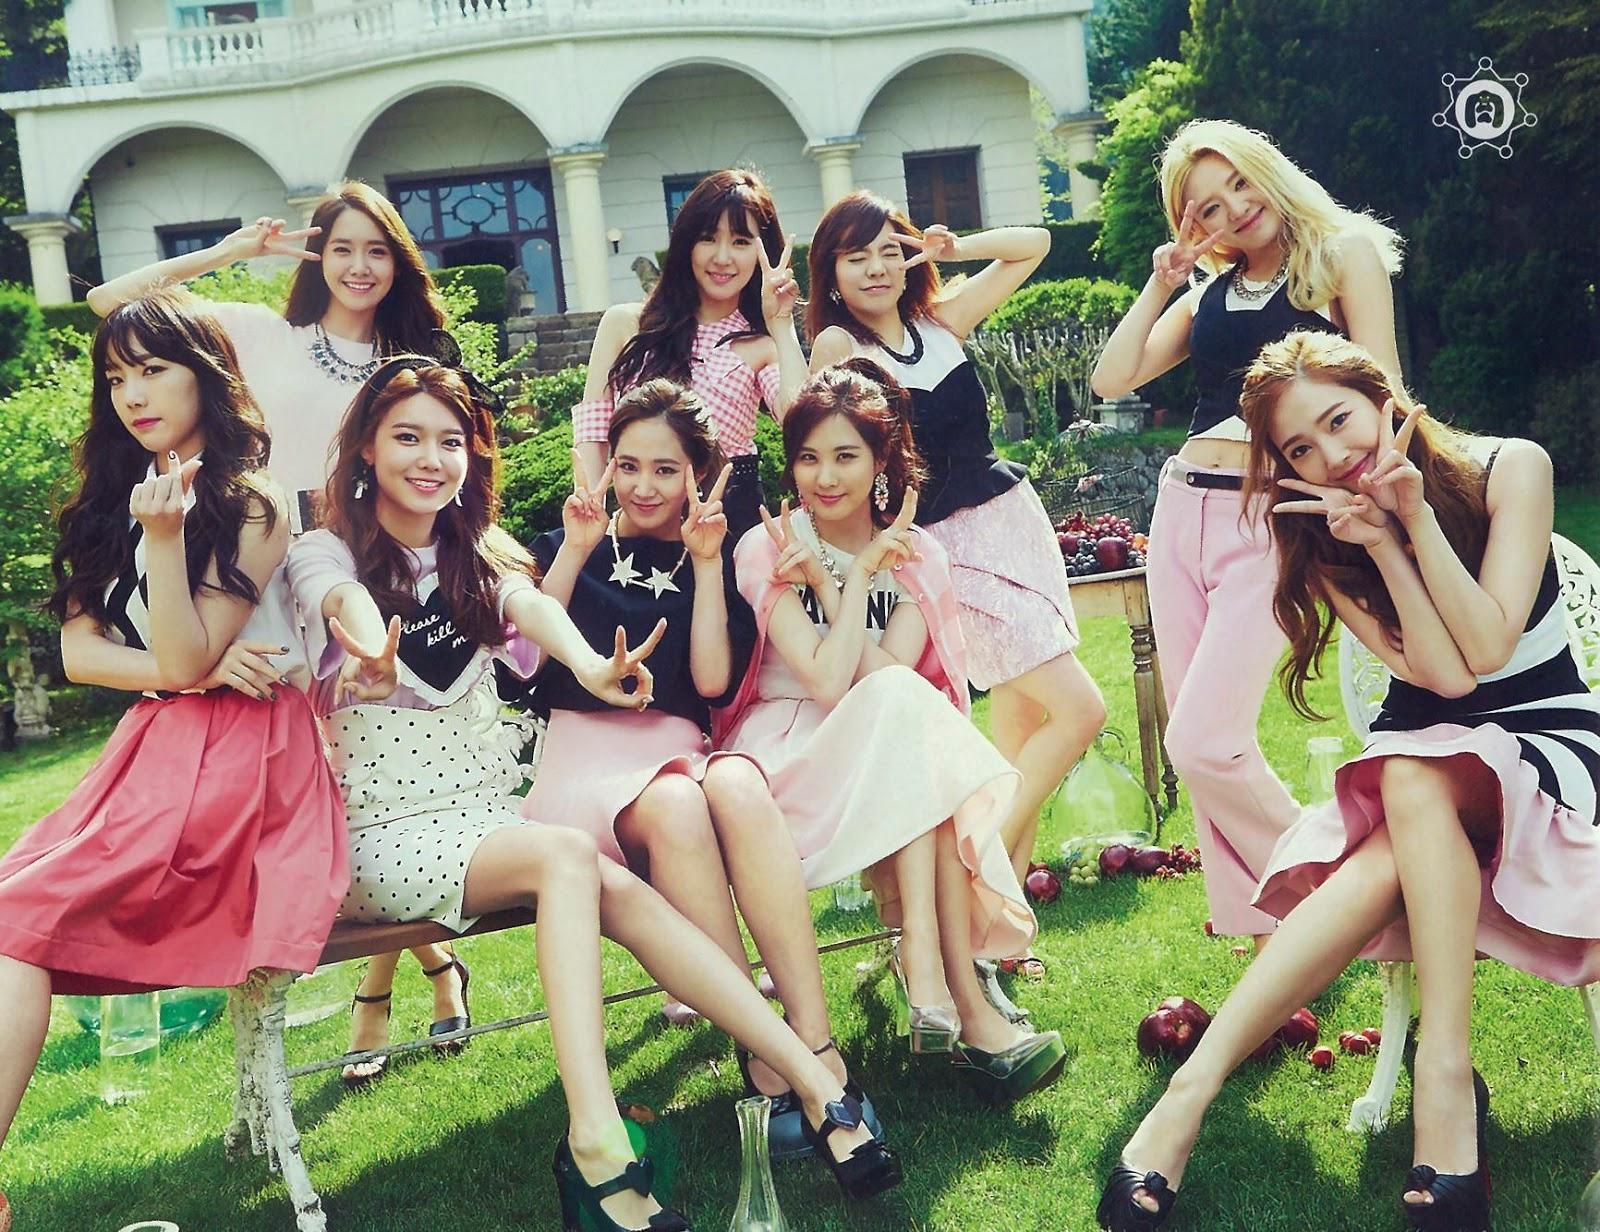 SNSD Girls Generation The Best Scan Wallpaper HD 2